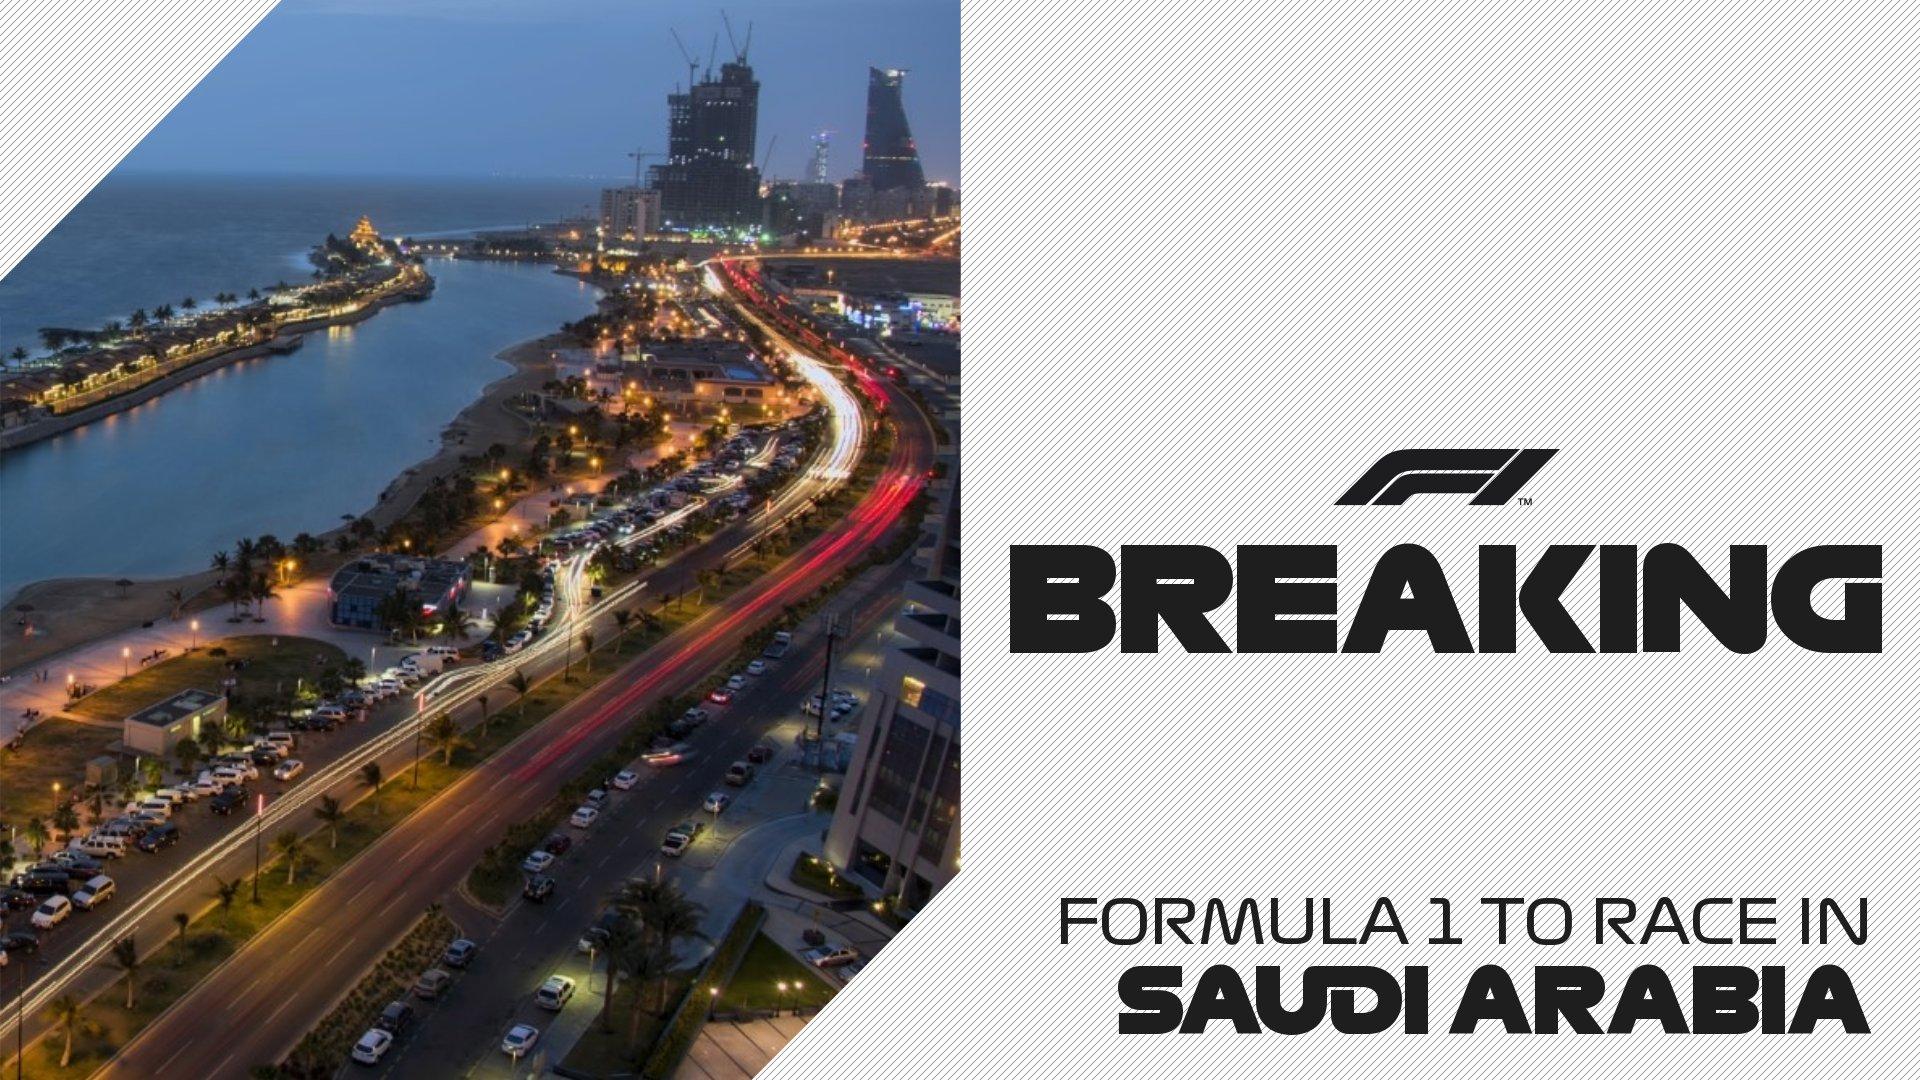 ОФИЦИАЛЬНО: Джидда примет ночной Гран-при Саудовской Аравии в 2021 году!